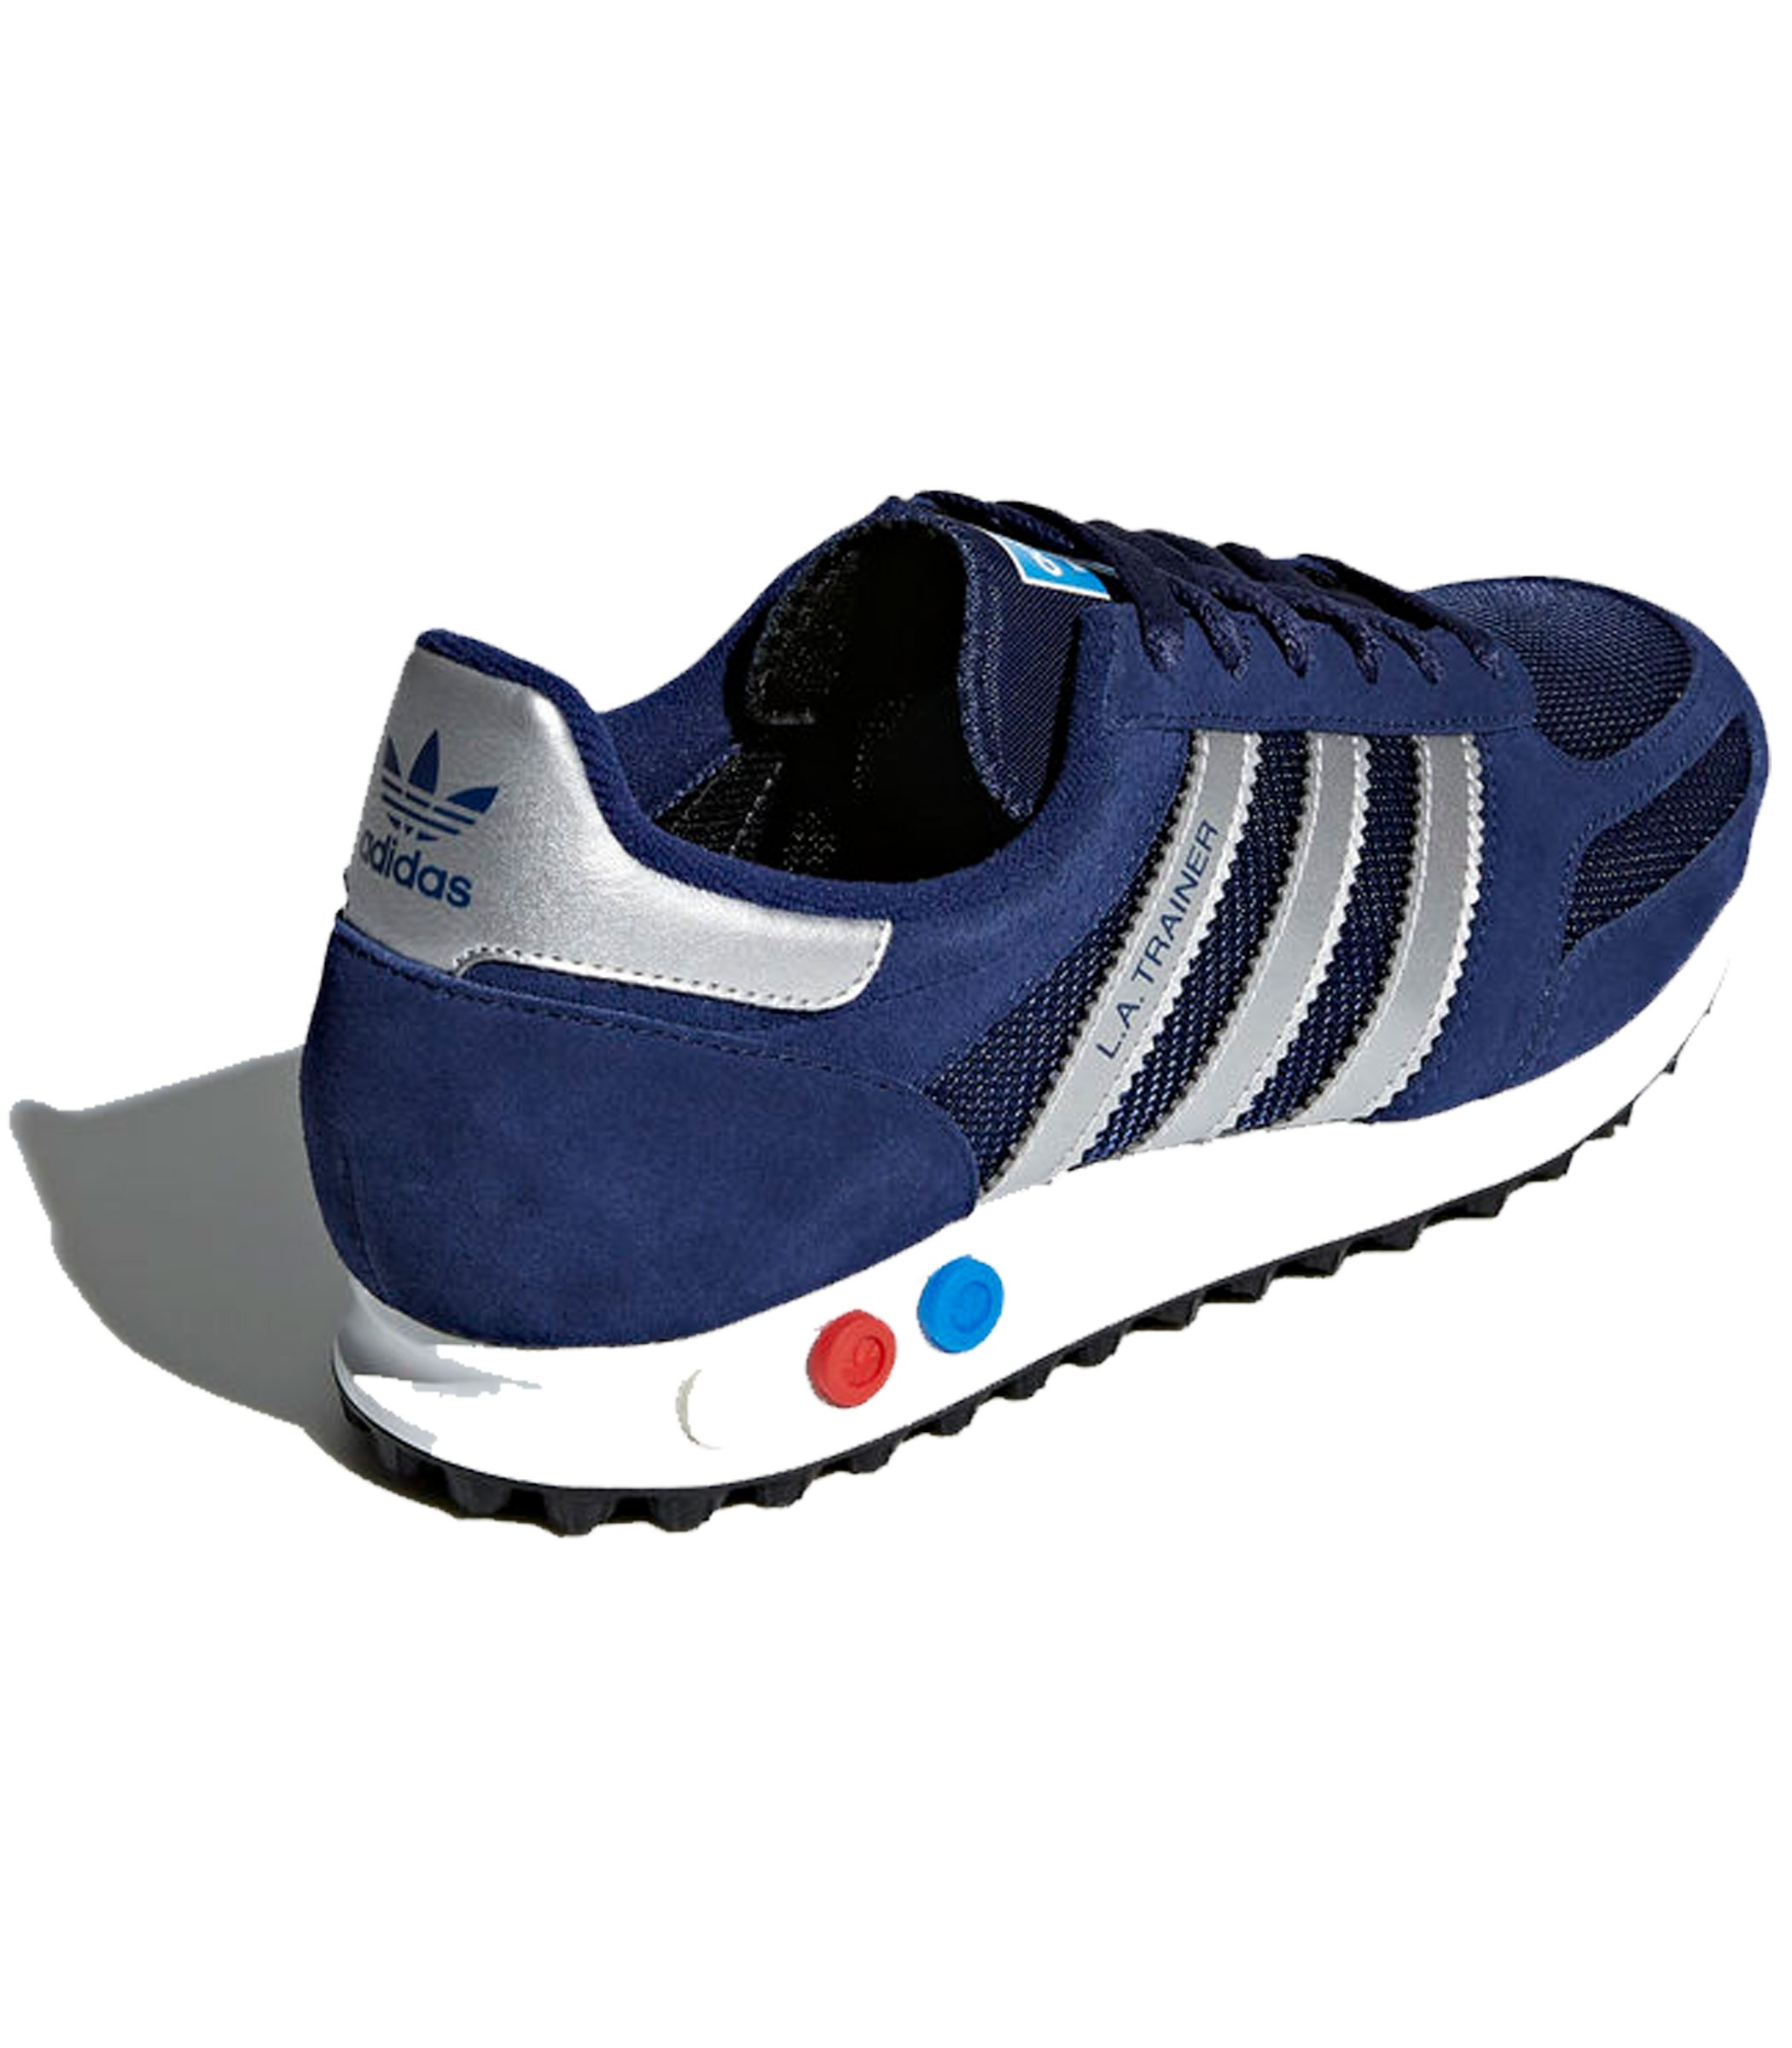 quality design a40e7 e871a Tennis Scarpe Scarpe Adidas Da Uomo Da gIbf67yYv